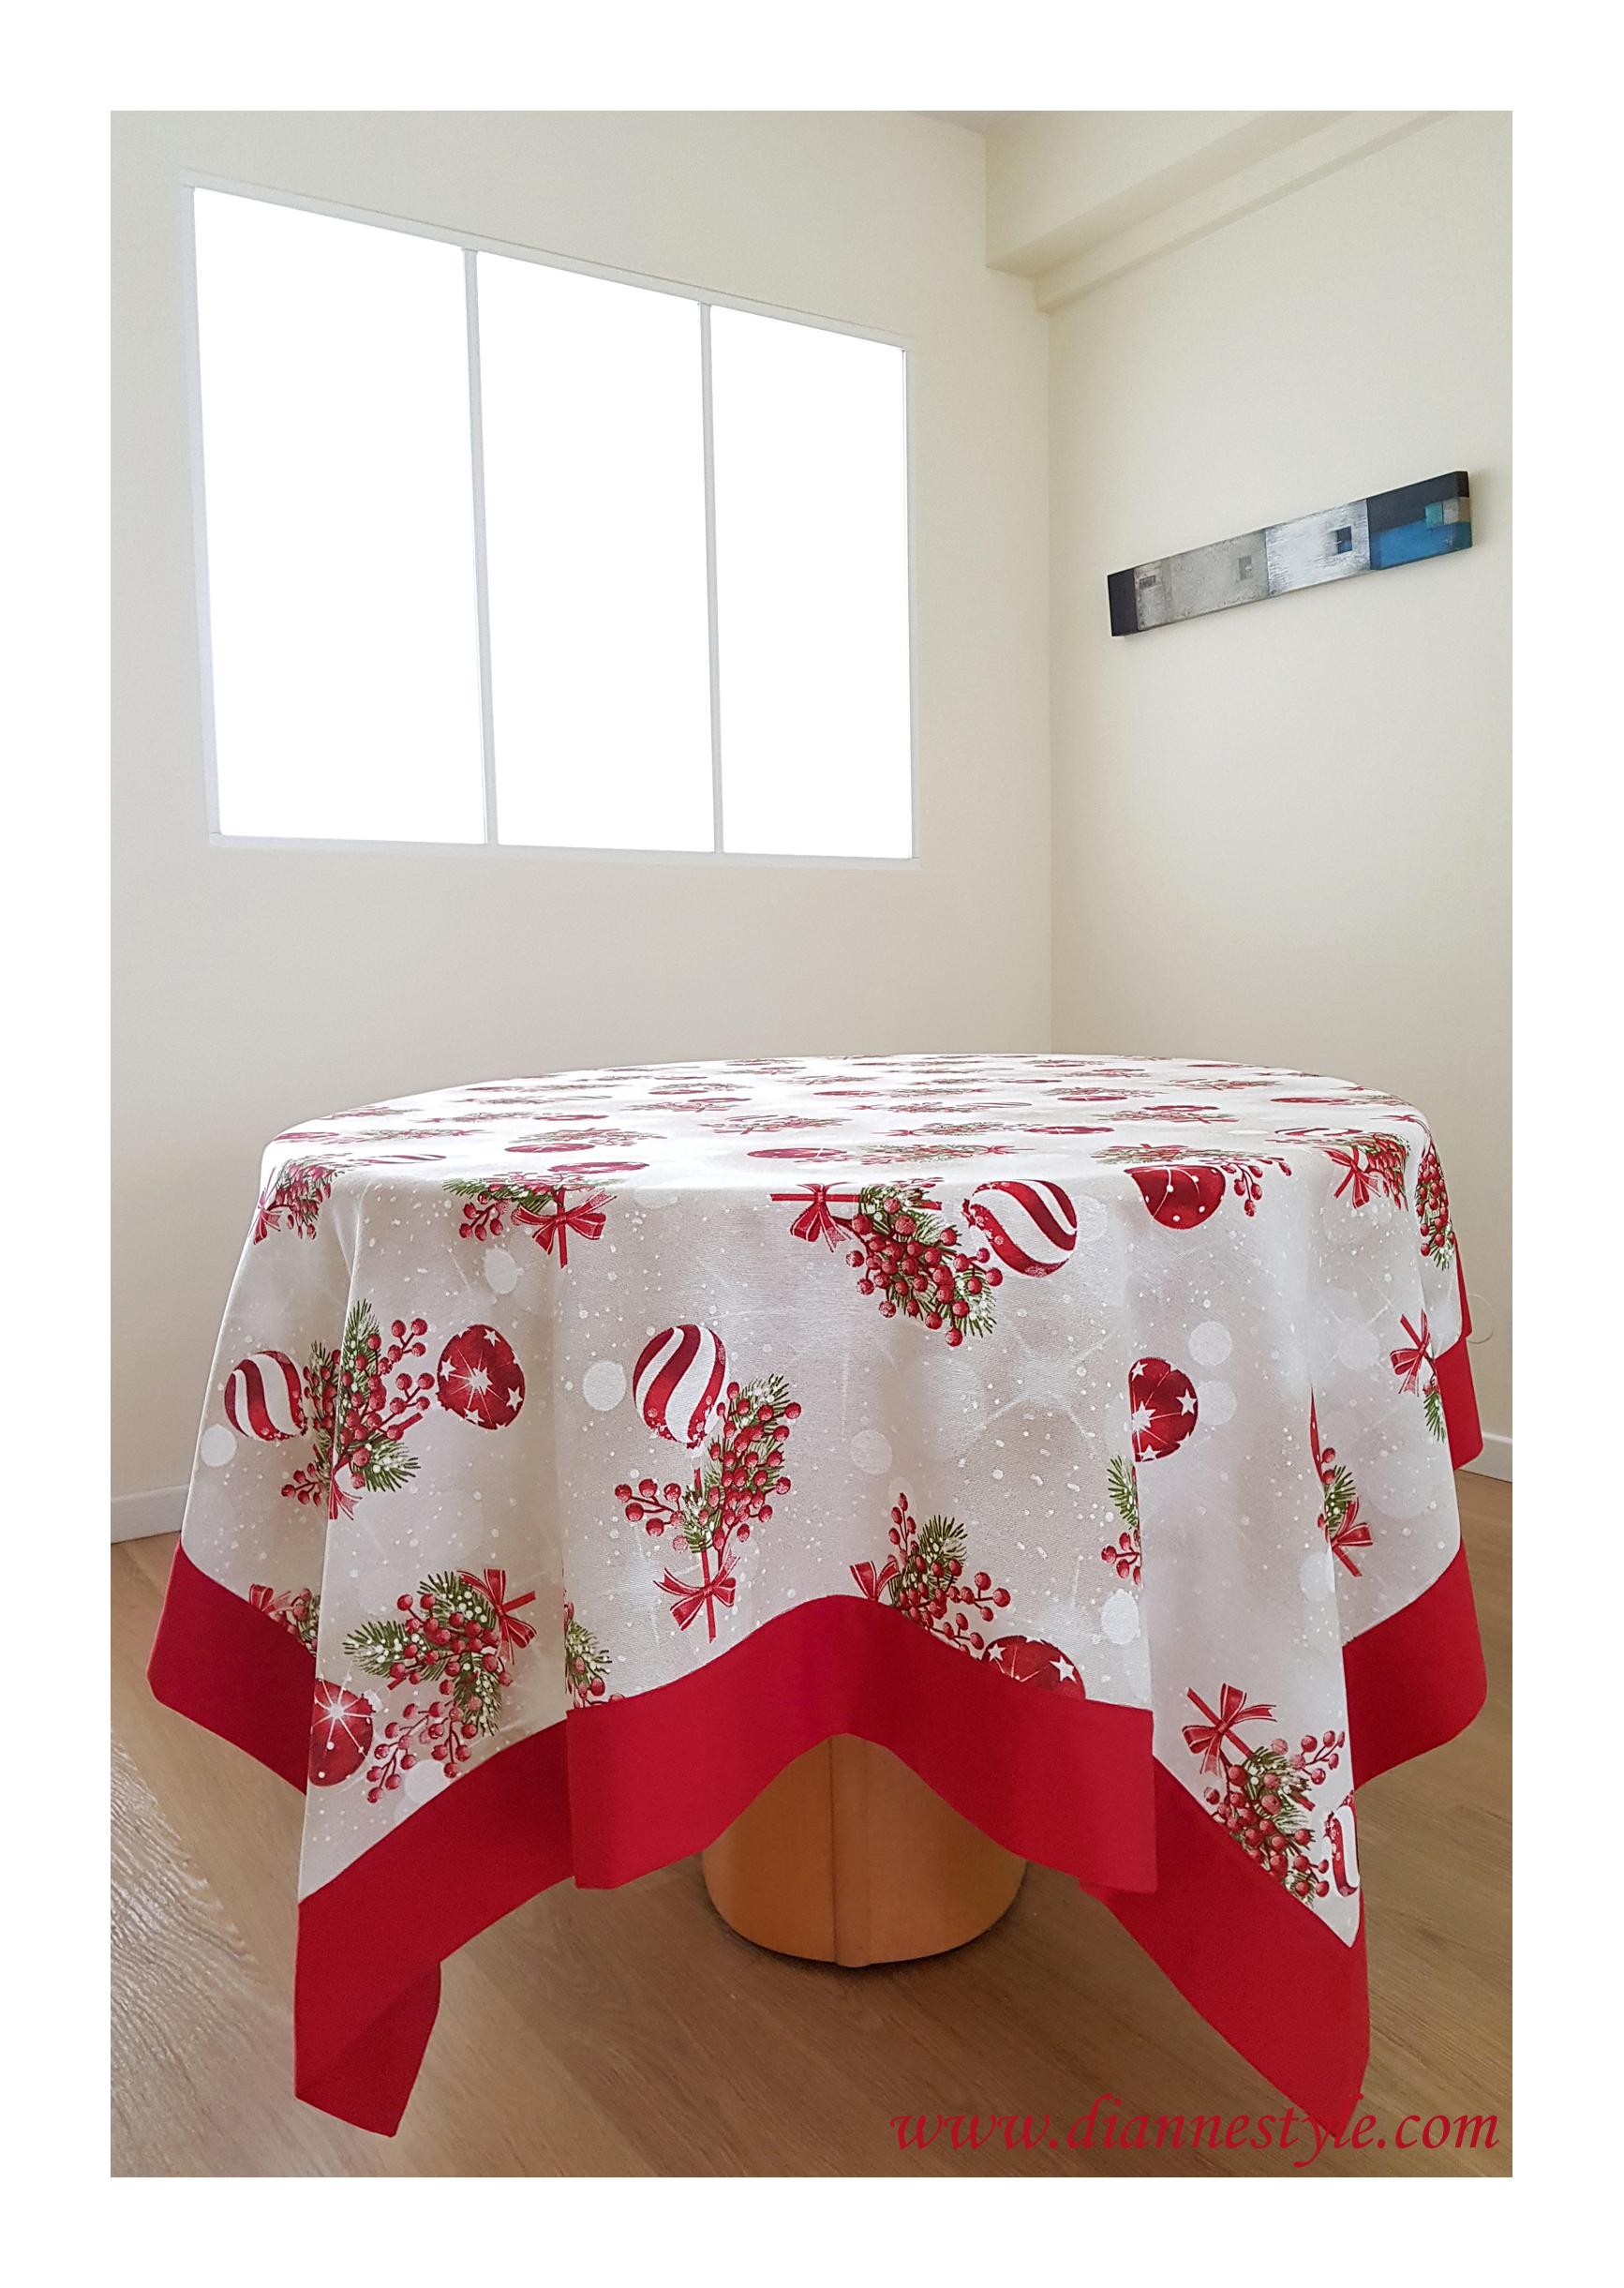 nappe de noel rectangulaire bordure rouge 160x310 cm ref 273